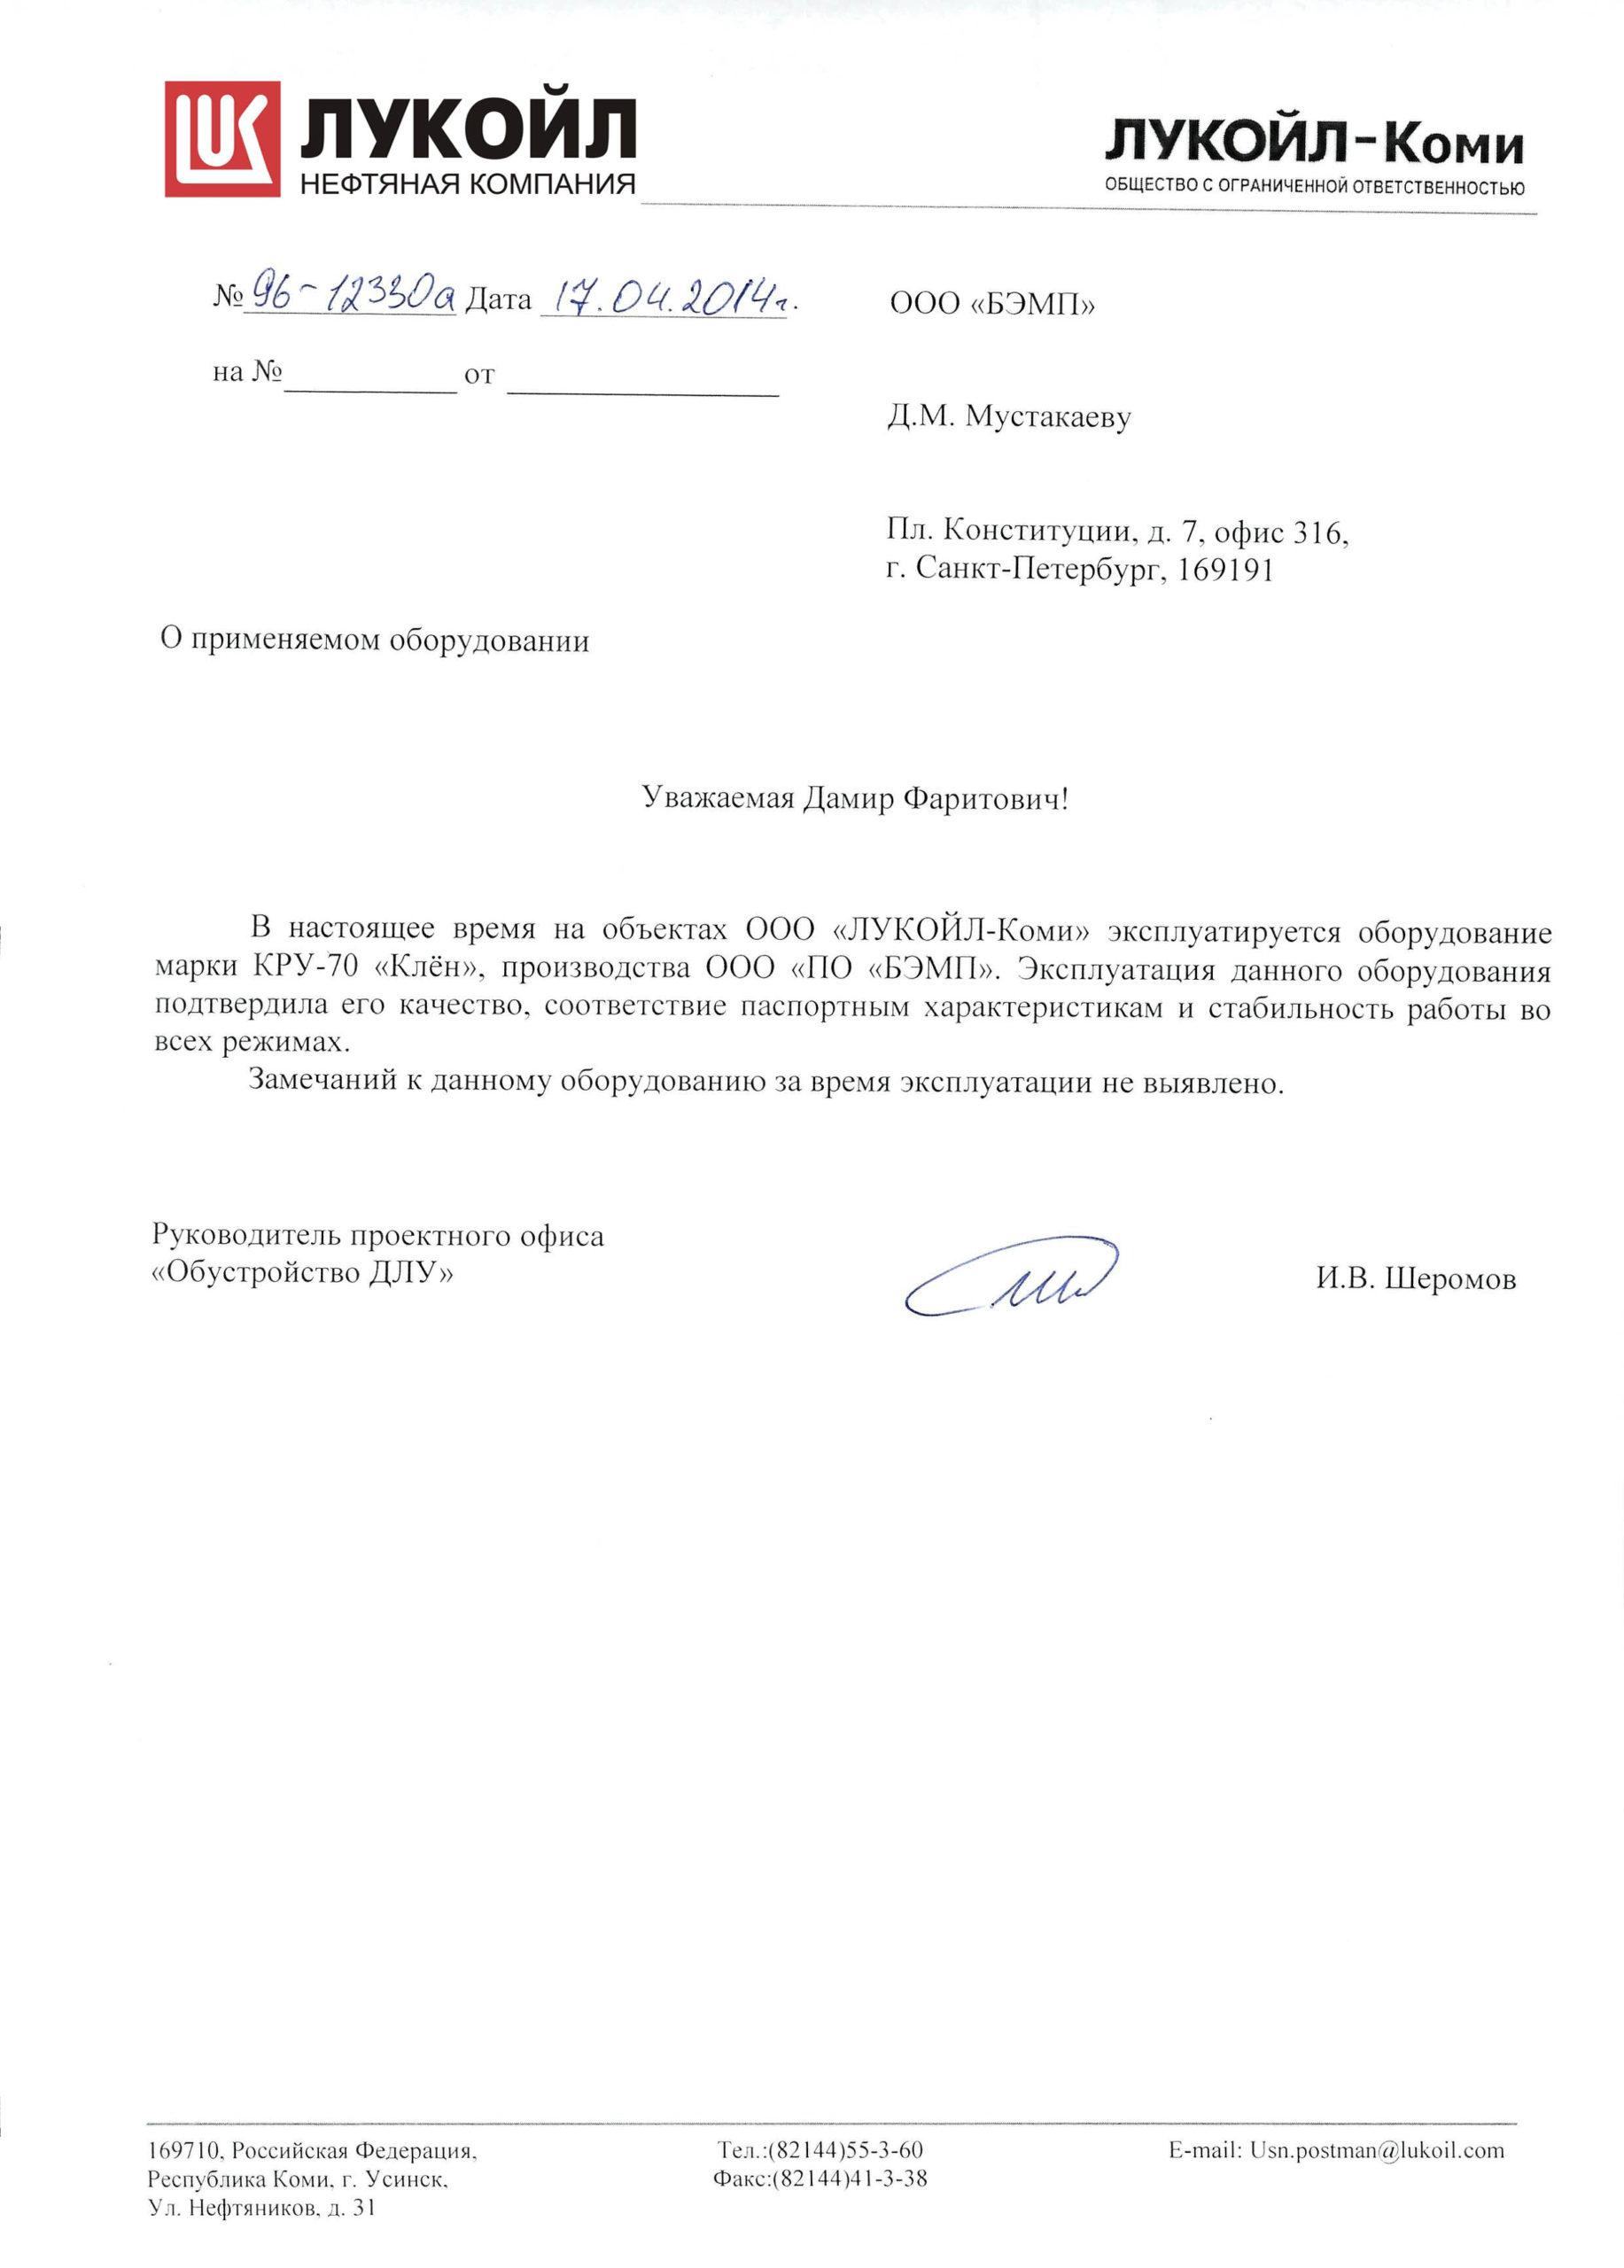 ООО «ЛУКОЙЛ-Коми» Республика Коми, г. Усинск